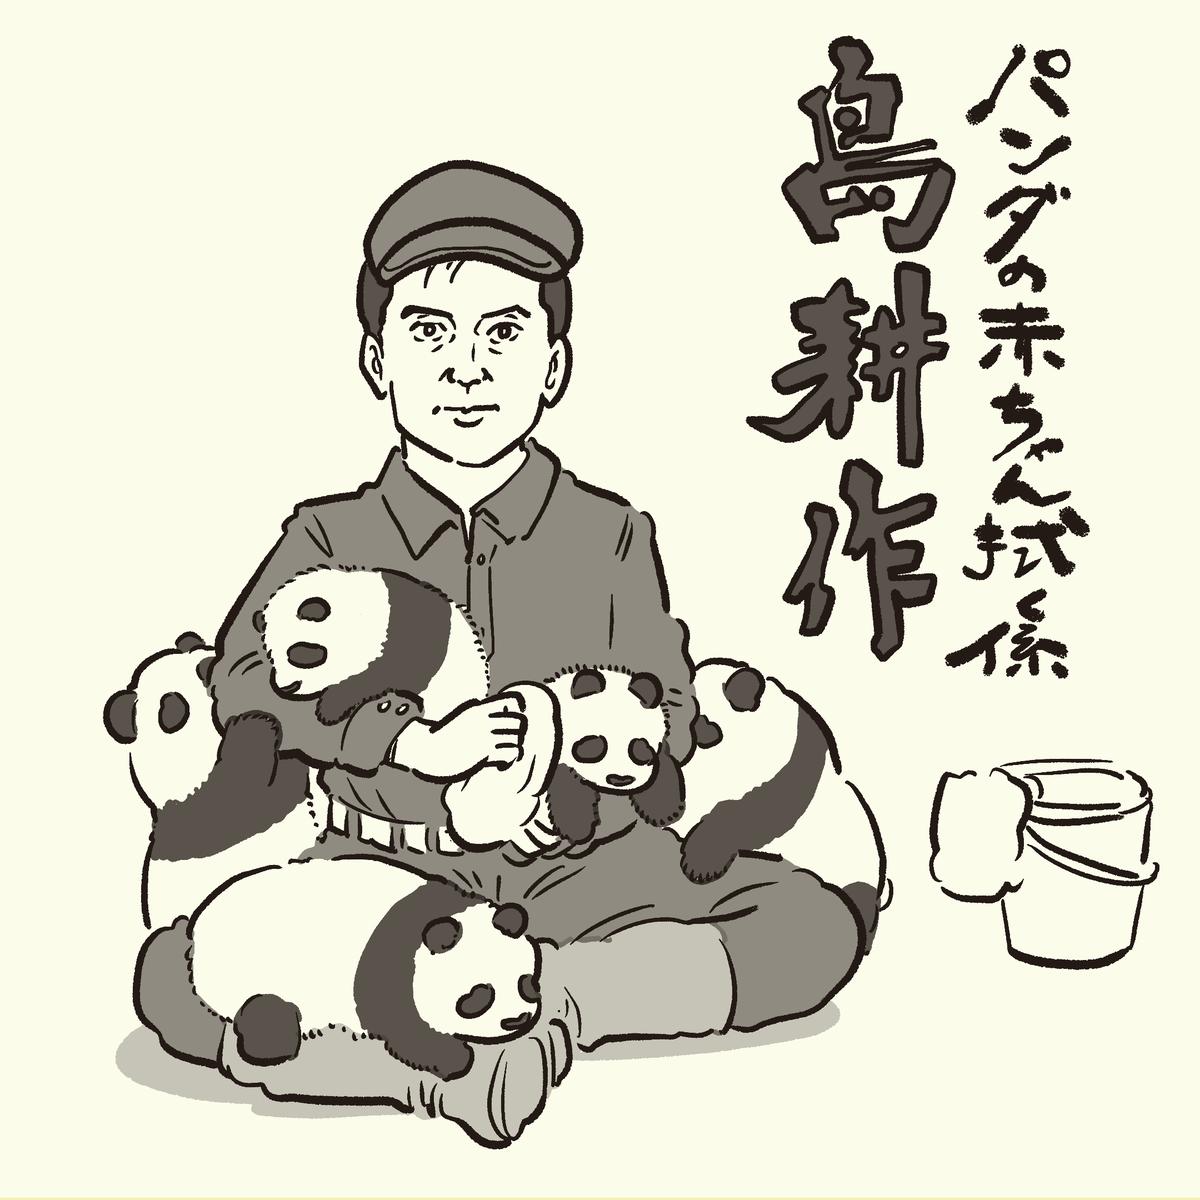 パンダの赤ちゃん拭く係島耕作